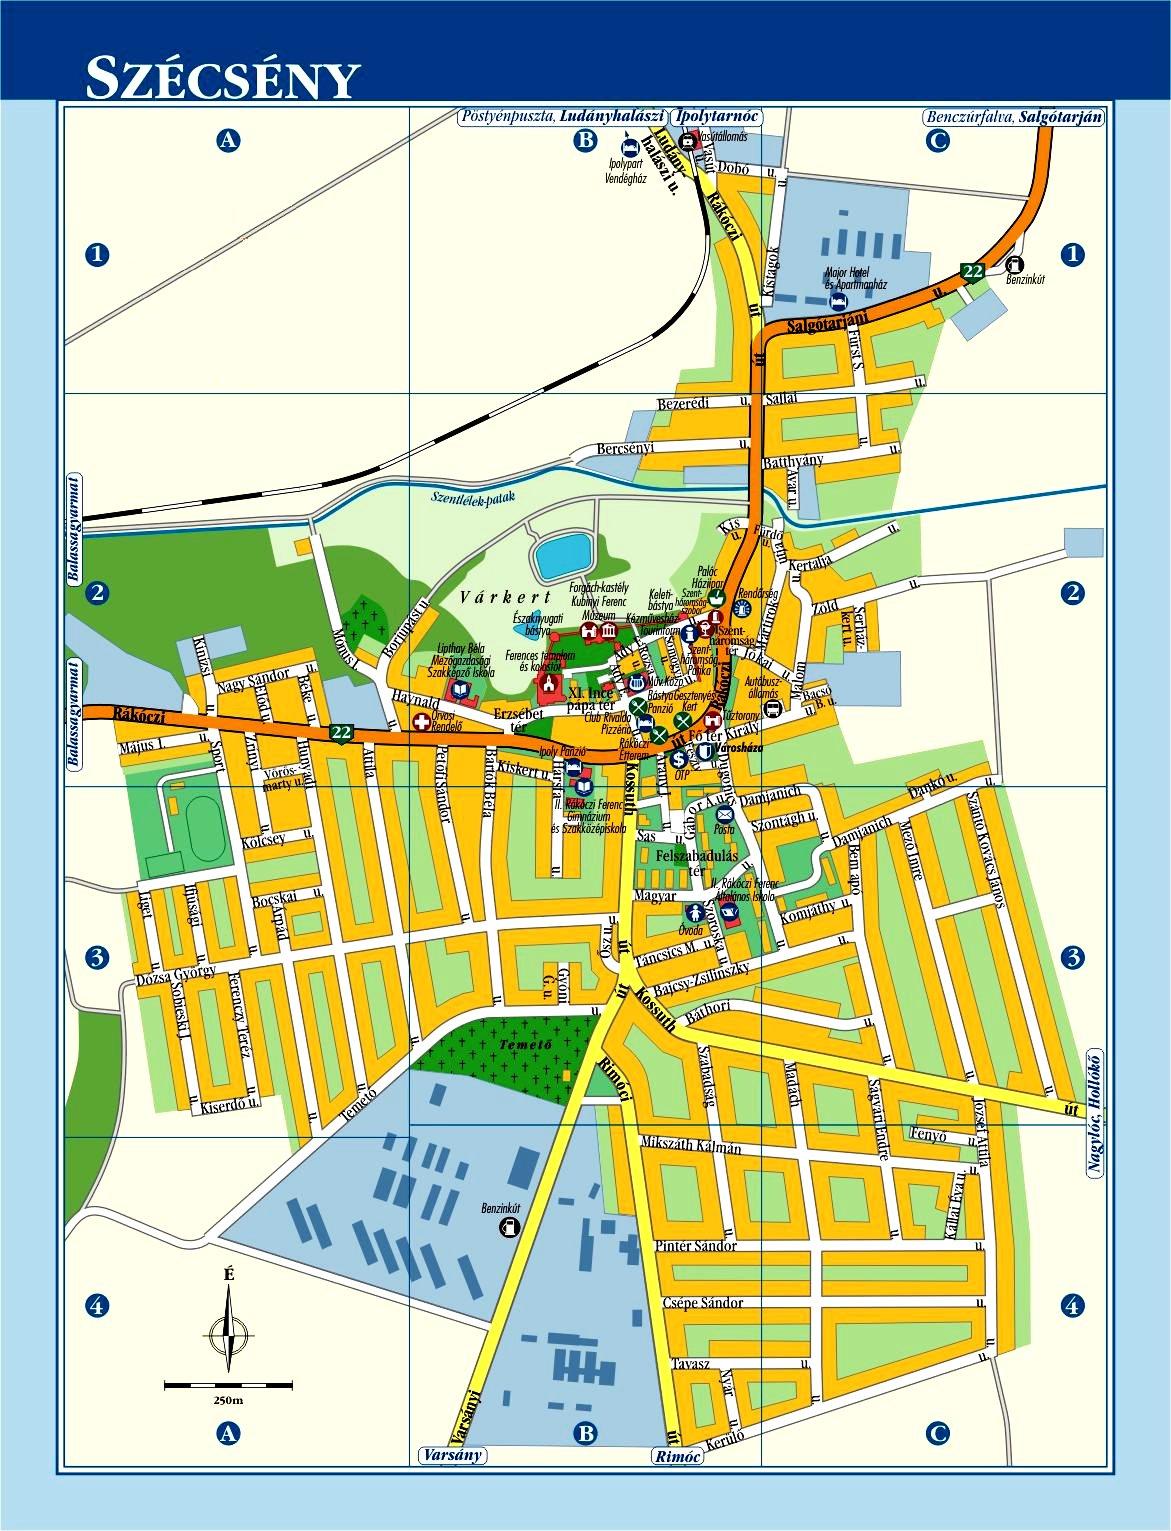 esztergom látnivalók térkép MAGYAR BARANGOLÓ: Szécsény esztergom látnivalók térkép